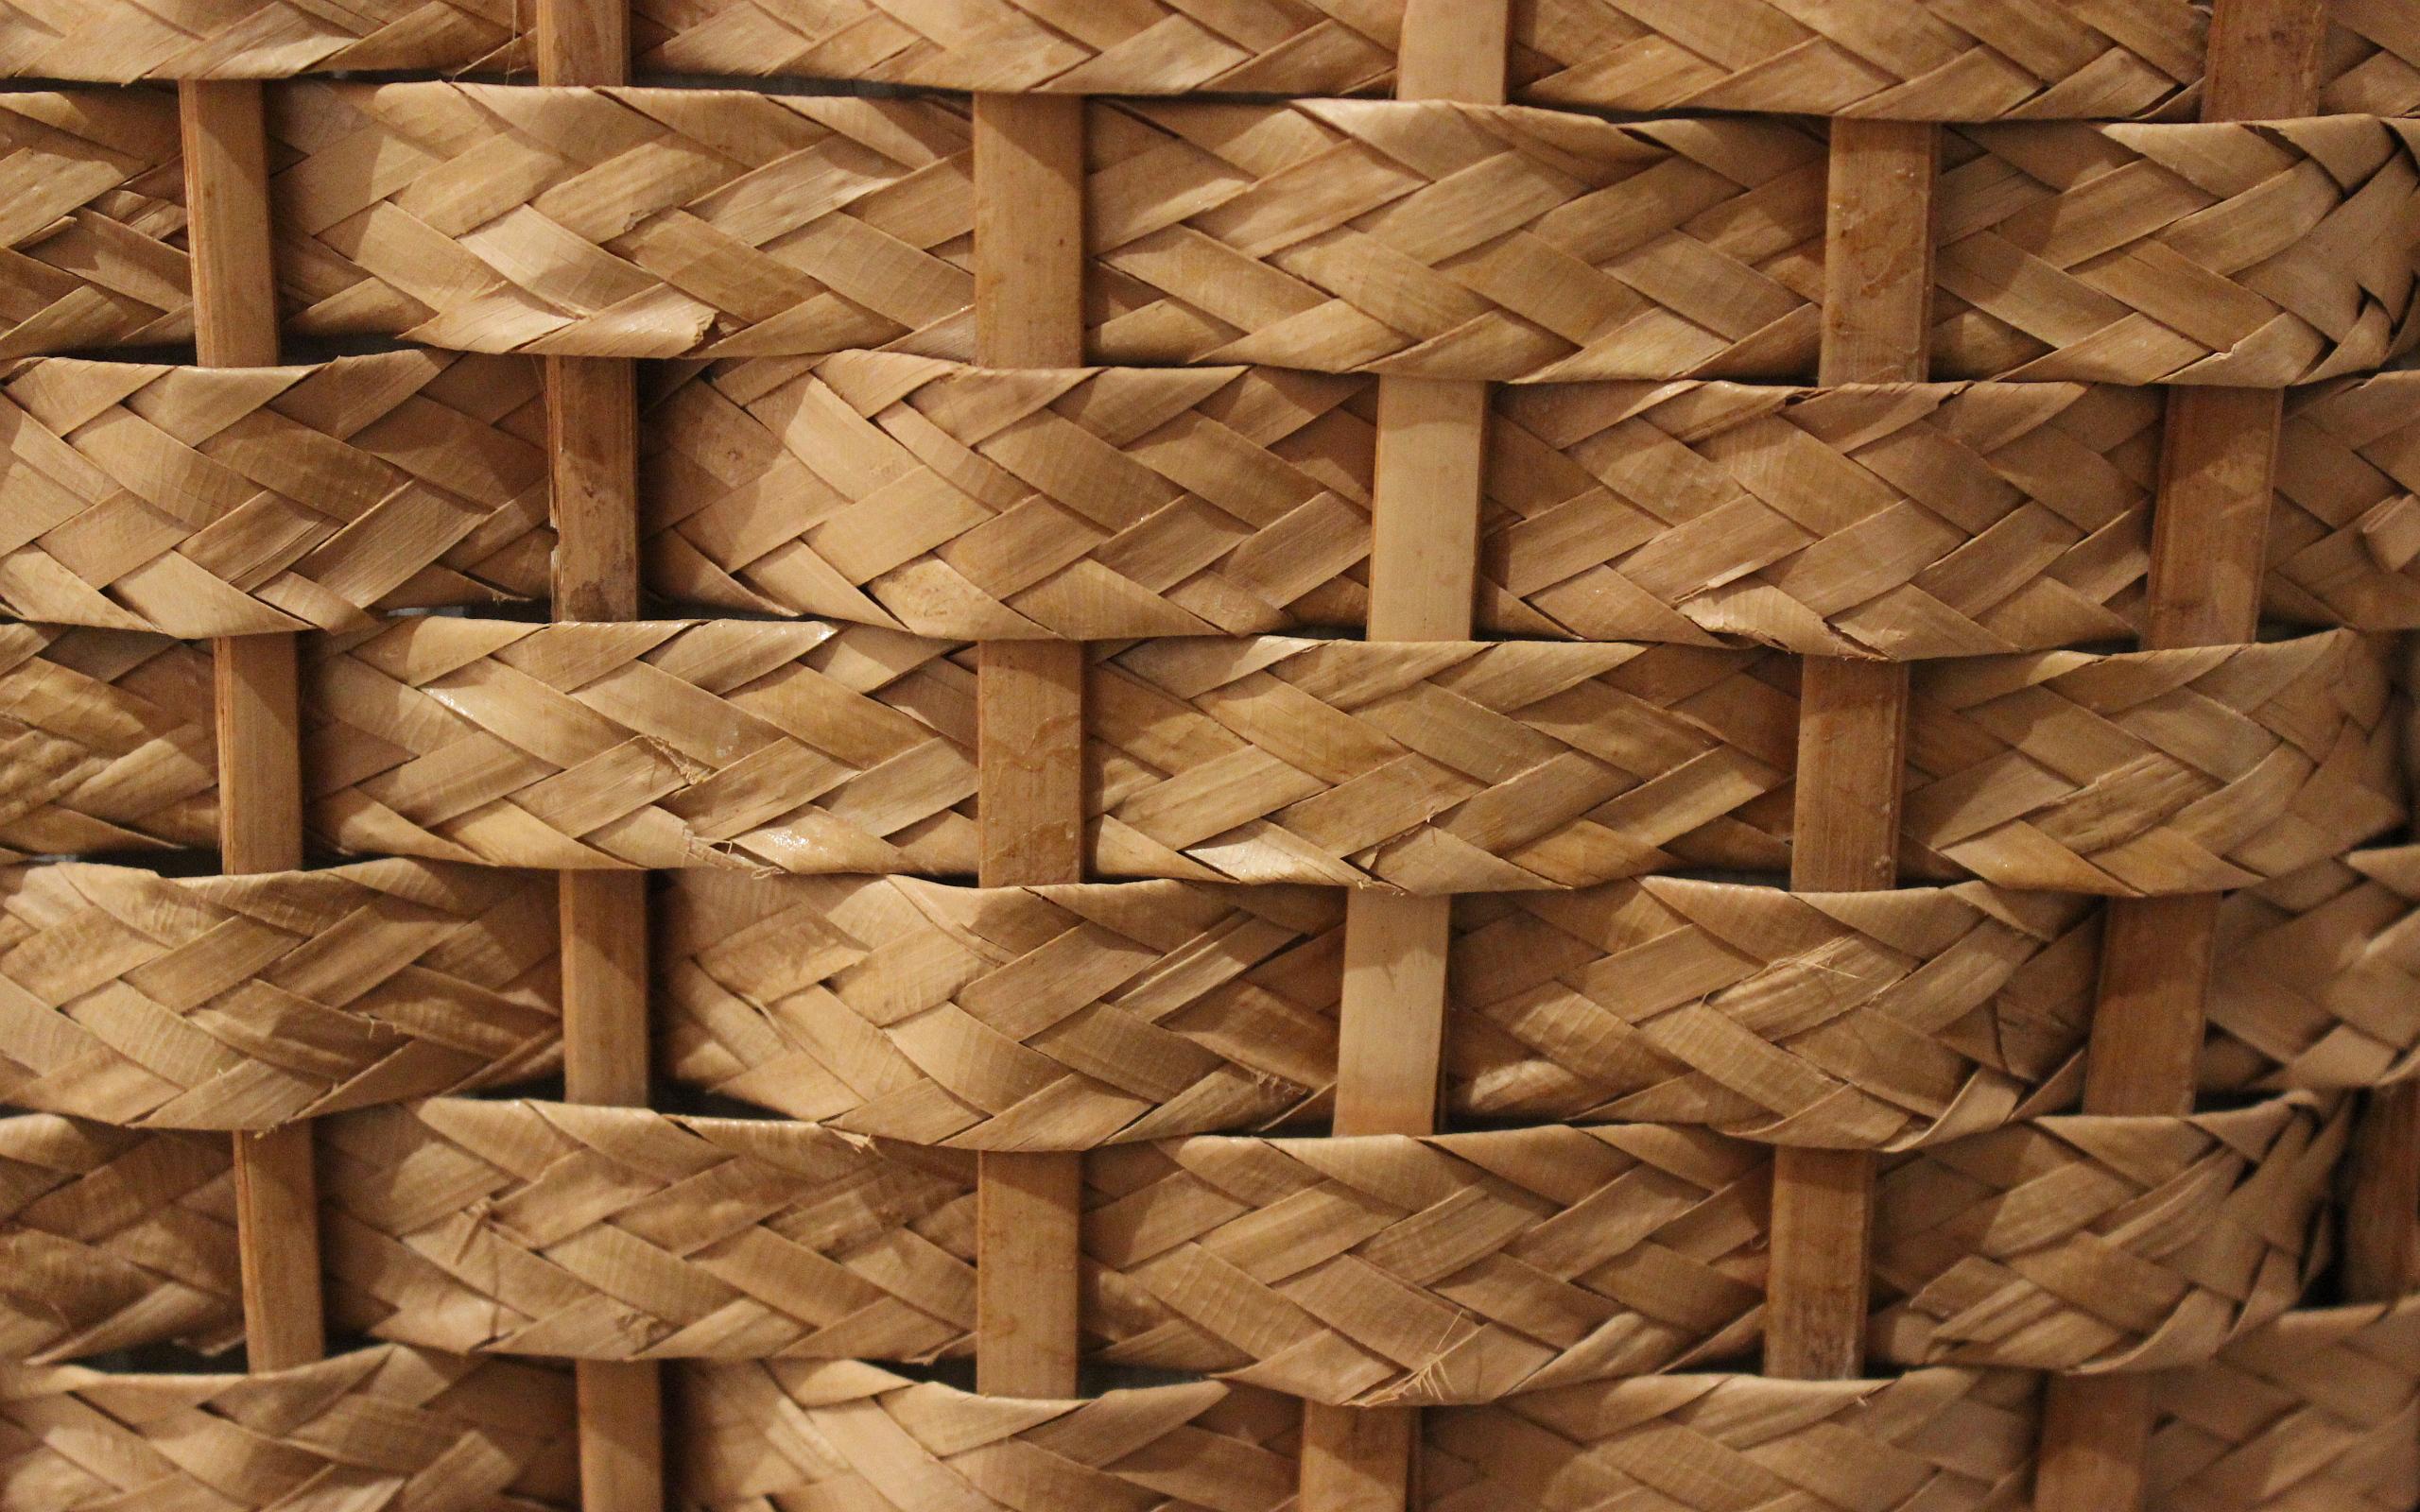 Straw texture wattle